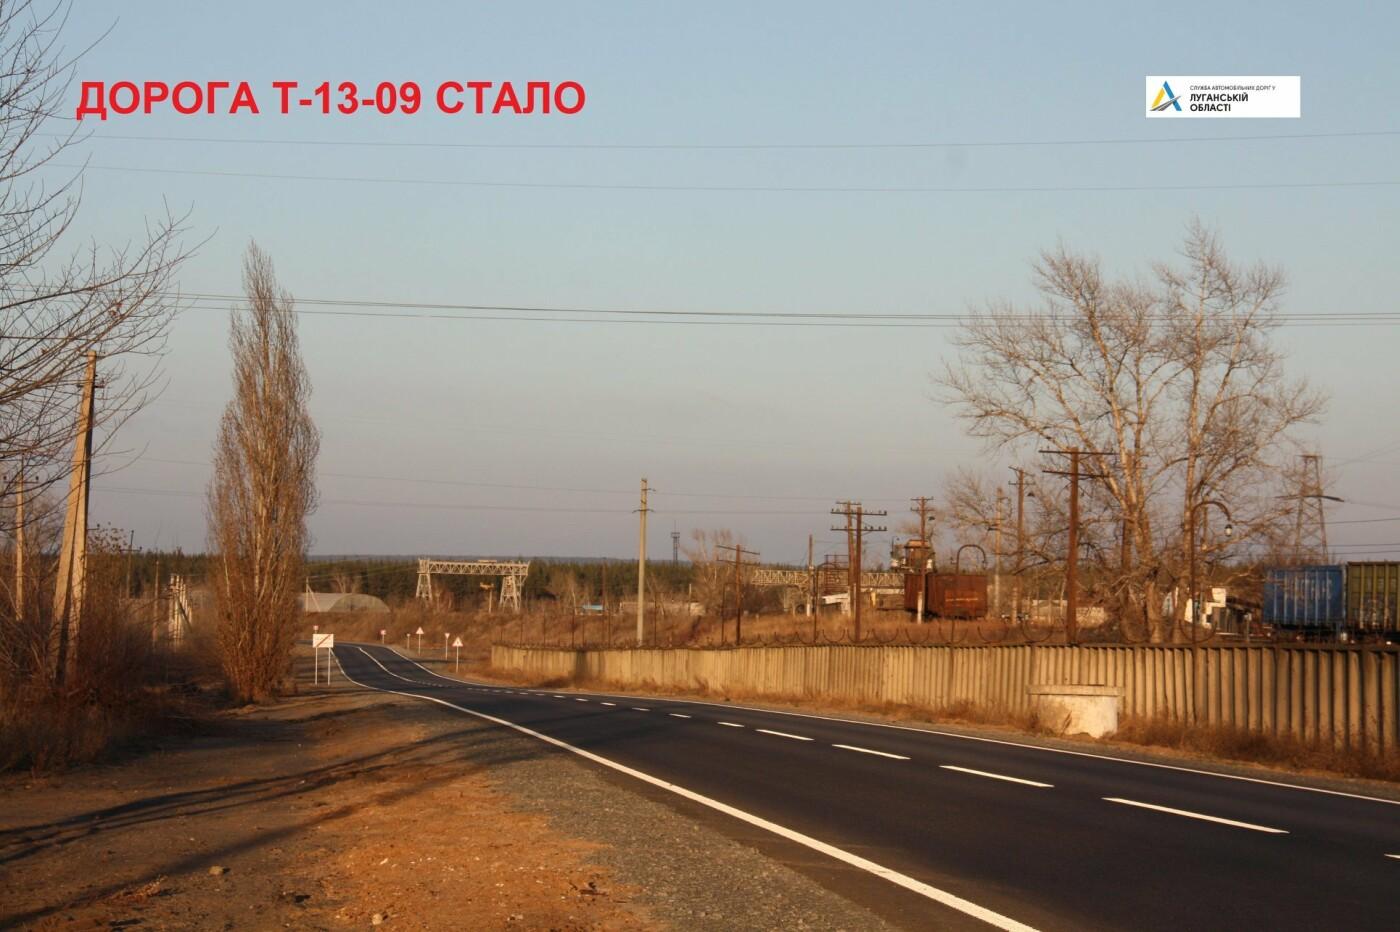 Было - стало. Автодорожники показали результаты ремонта дороги Северодонецк-Станица-Луганская, фото-4